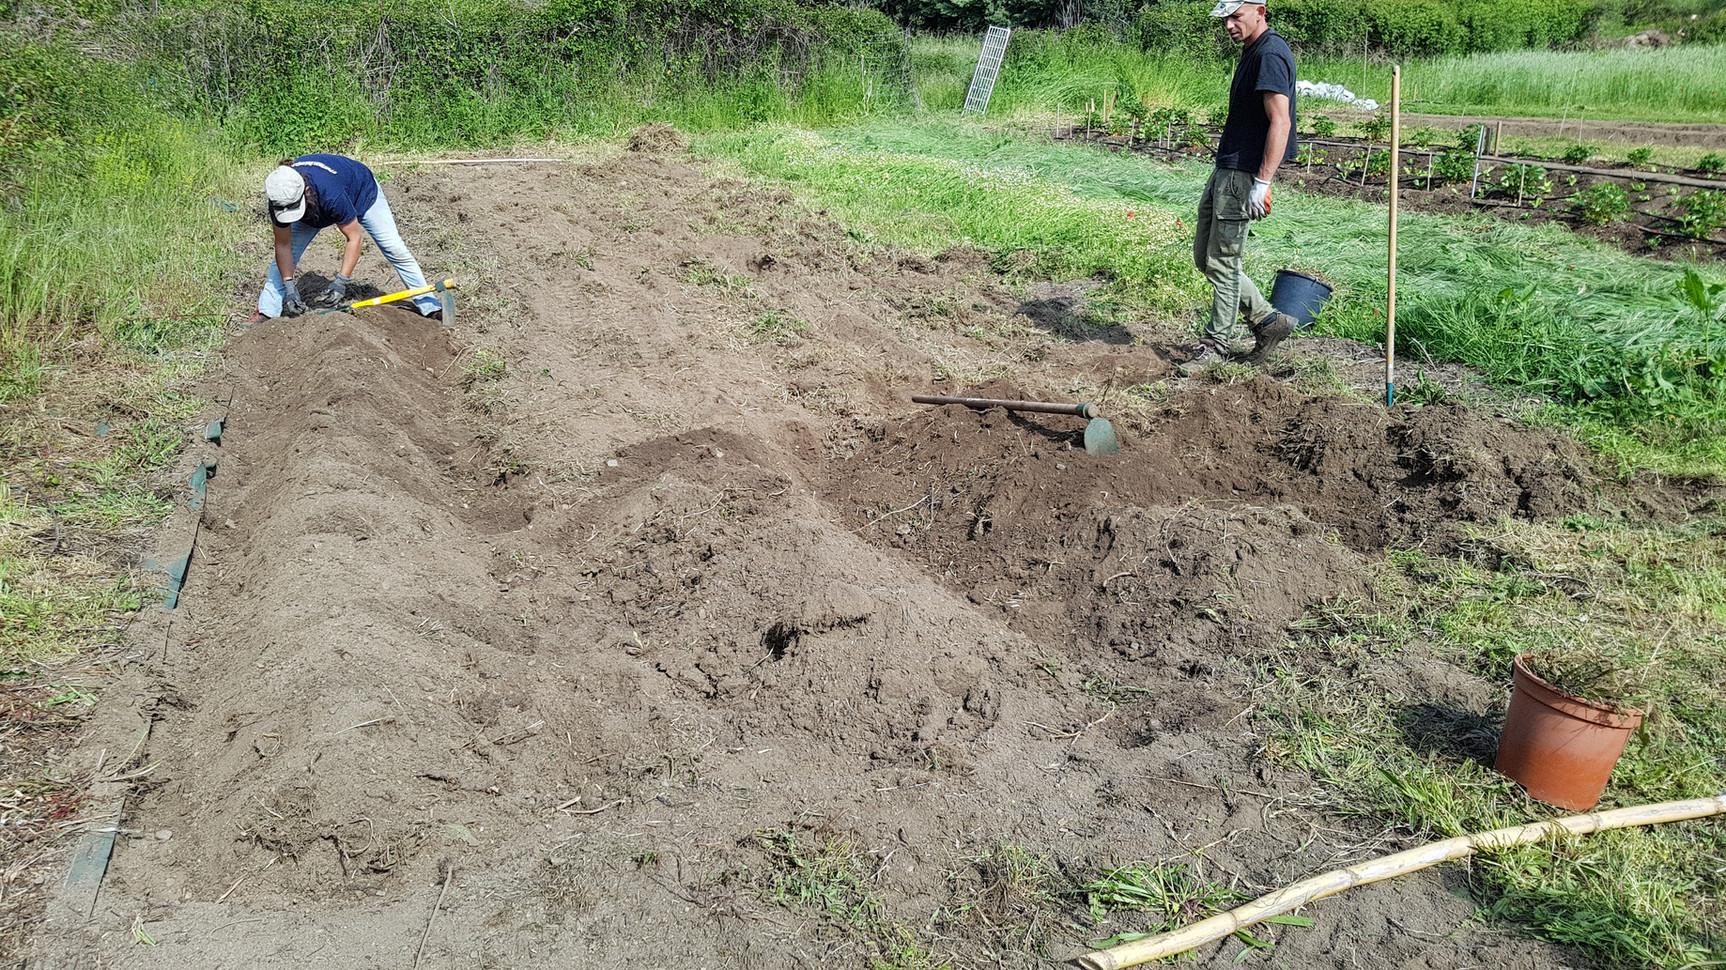 Préparation de la zone...Désherbage, mise en billon, amendement, semi d'engrais verts..